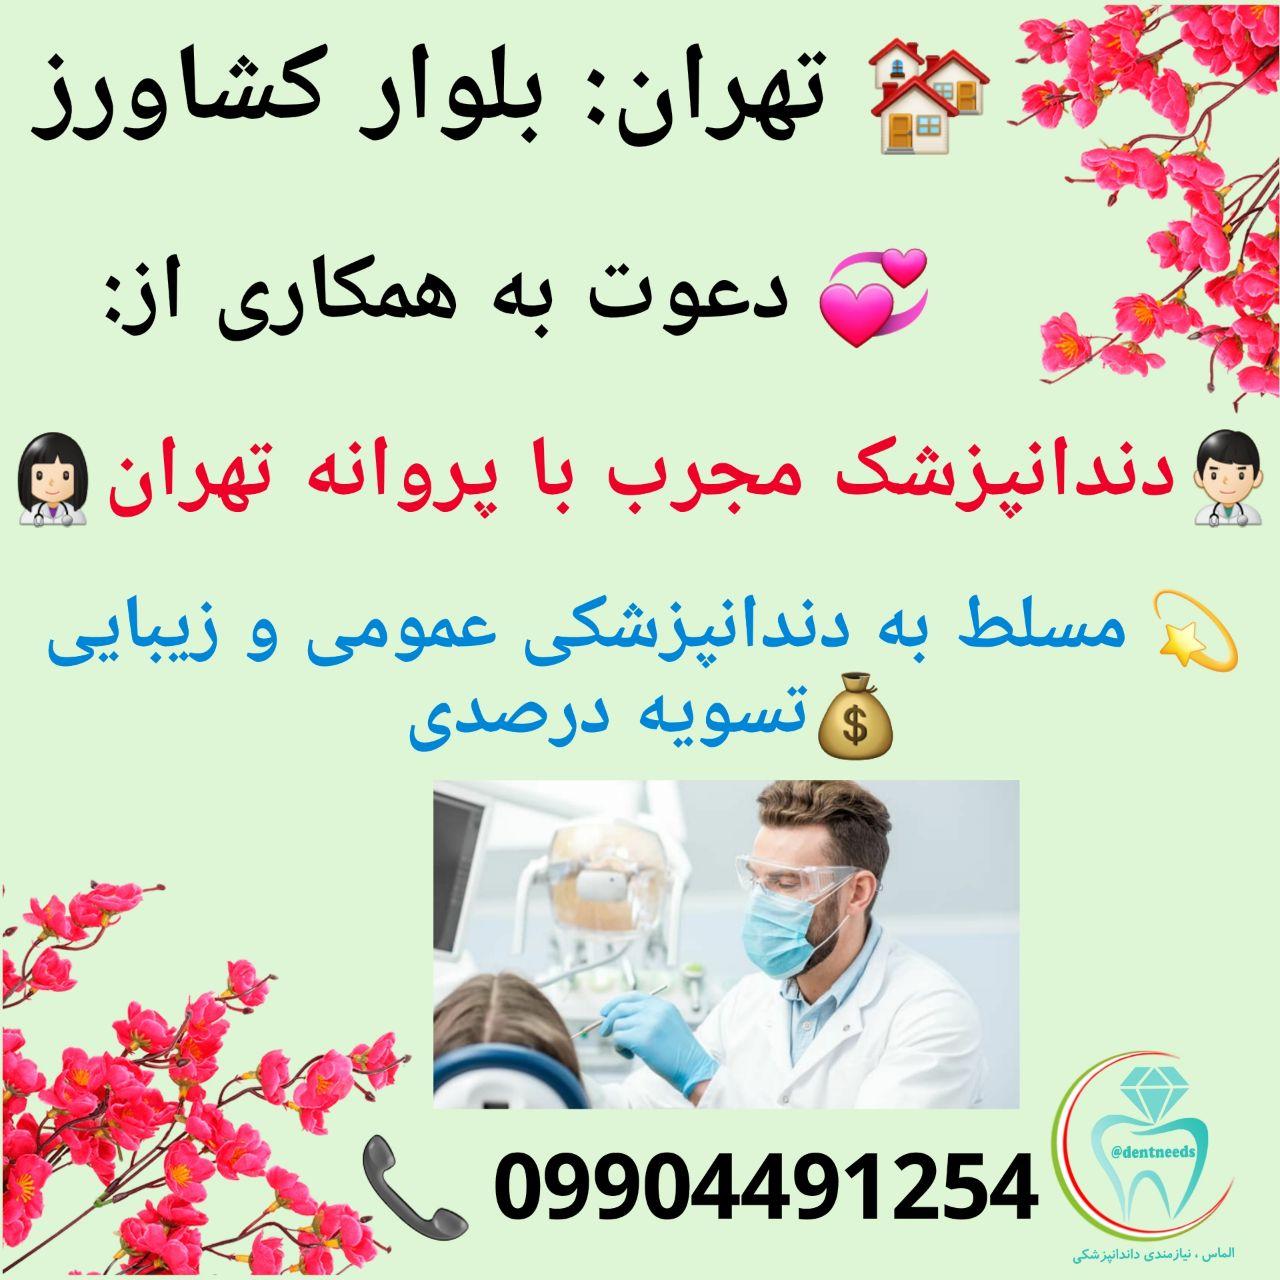 تهران: بلوار کشاورز، دعوت به همکاری از دندانپزشک مجرب